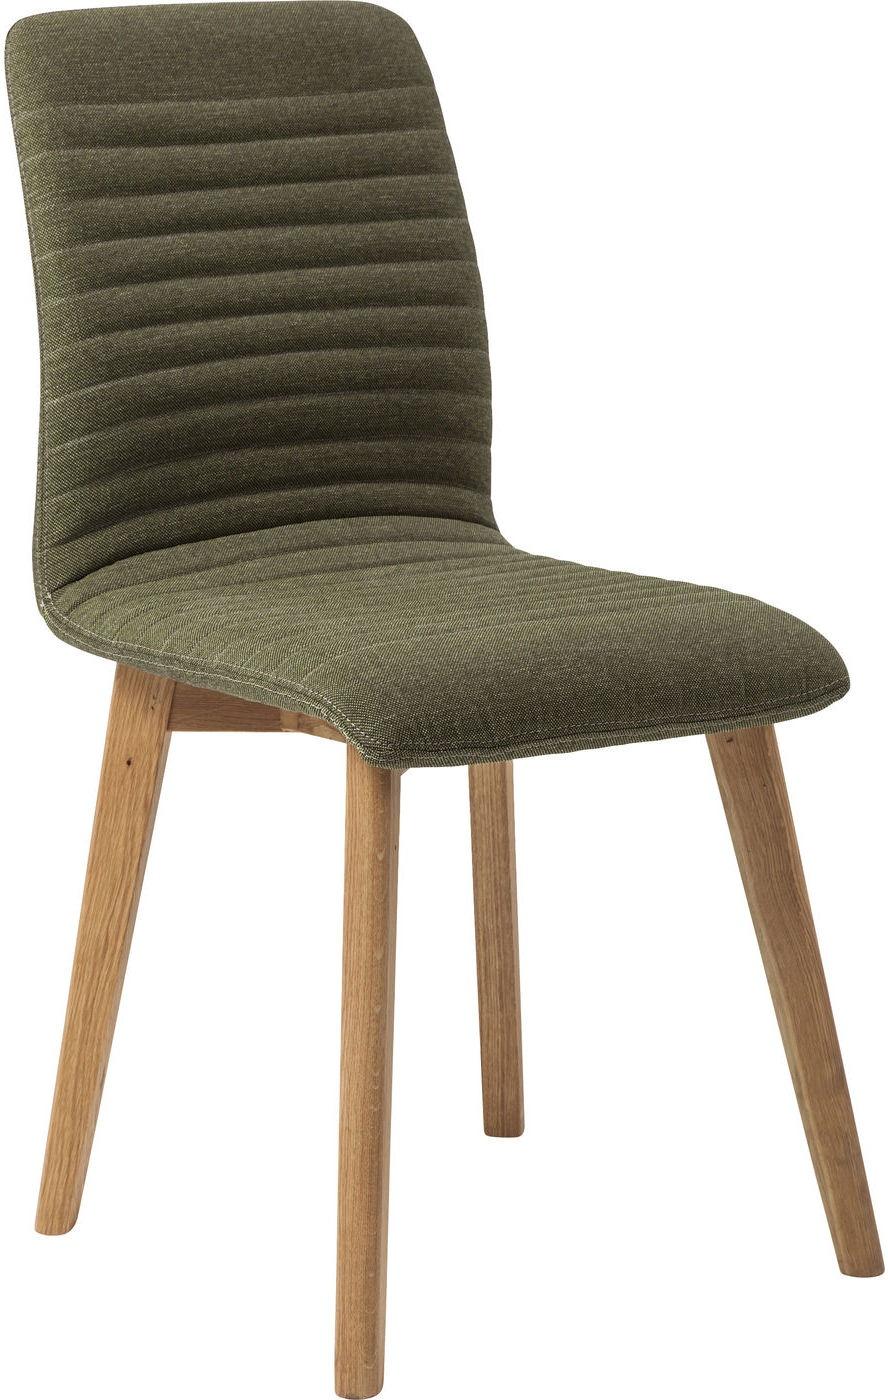 Eettafel stoelen stof vergelijken kopen tot 70 korting for Design 24 stoelen